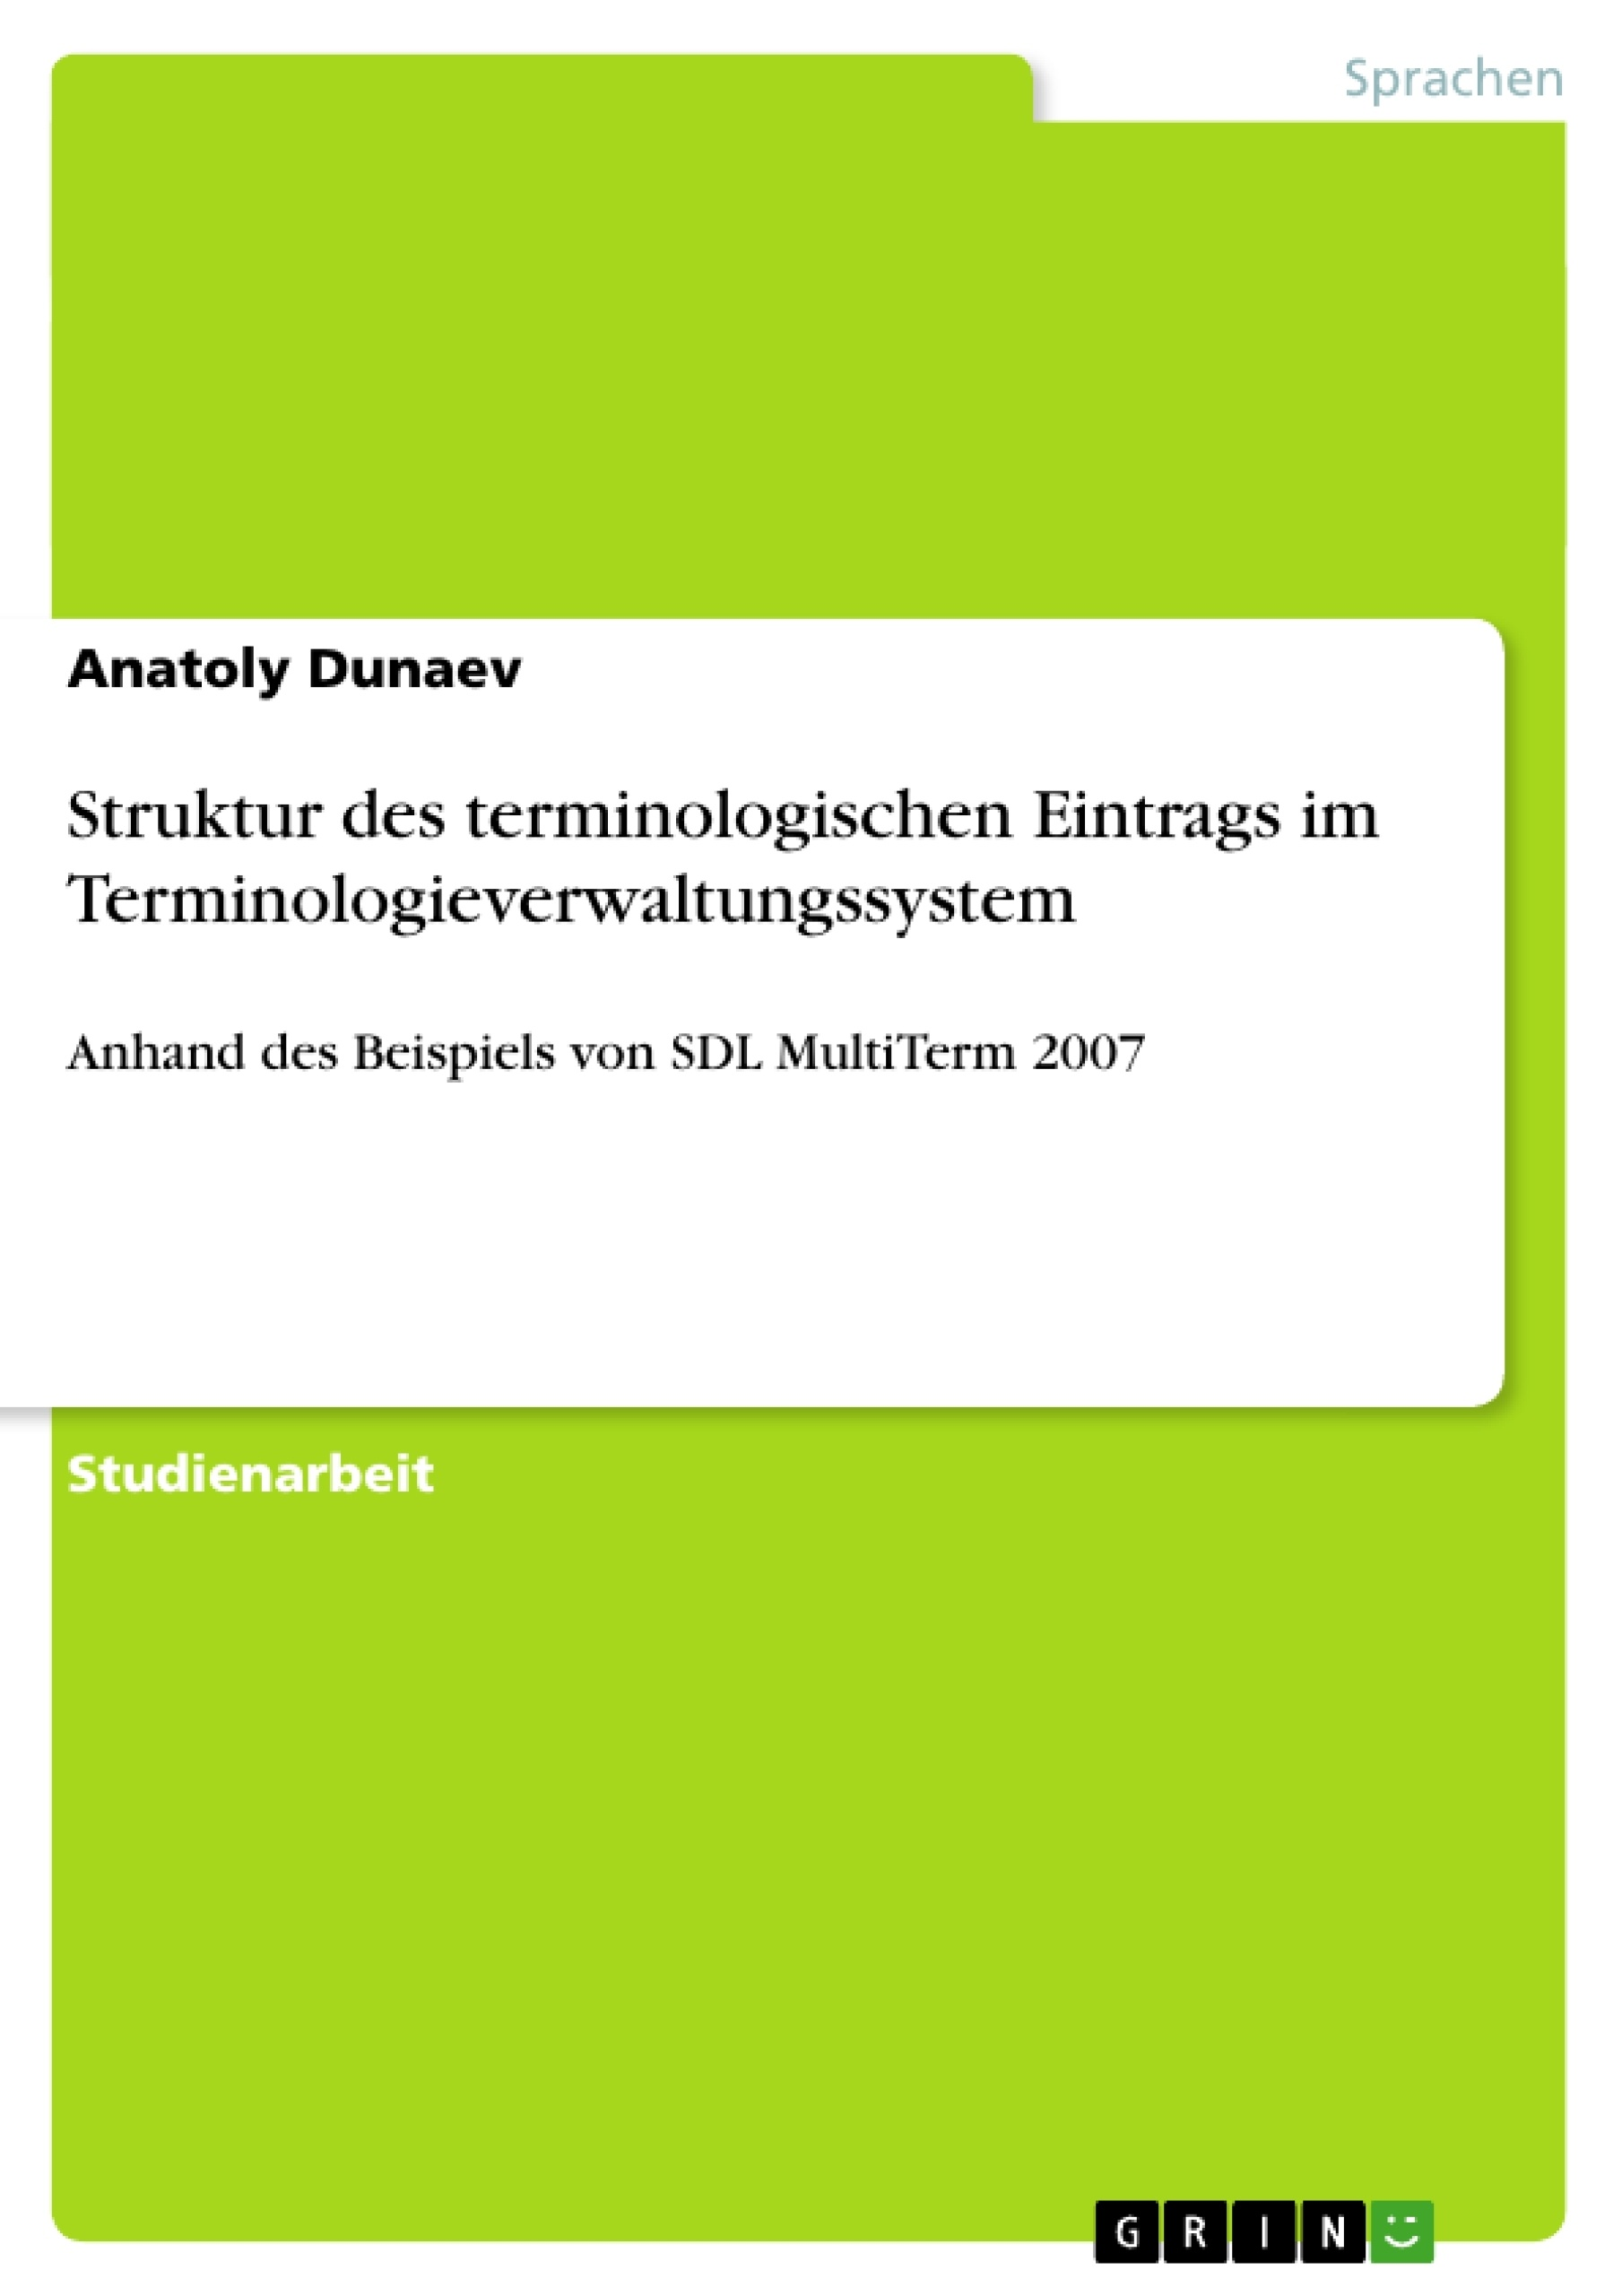 Titel: Struktur des terminologischen Eintrags im Terminologieverwaltungssystem